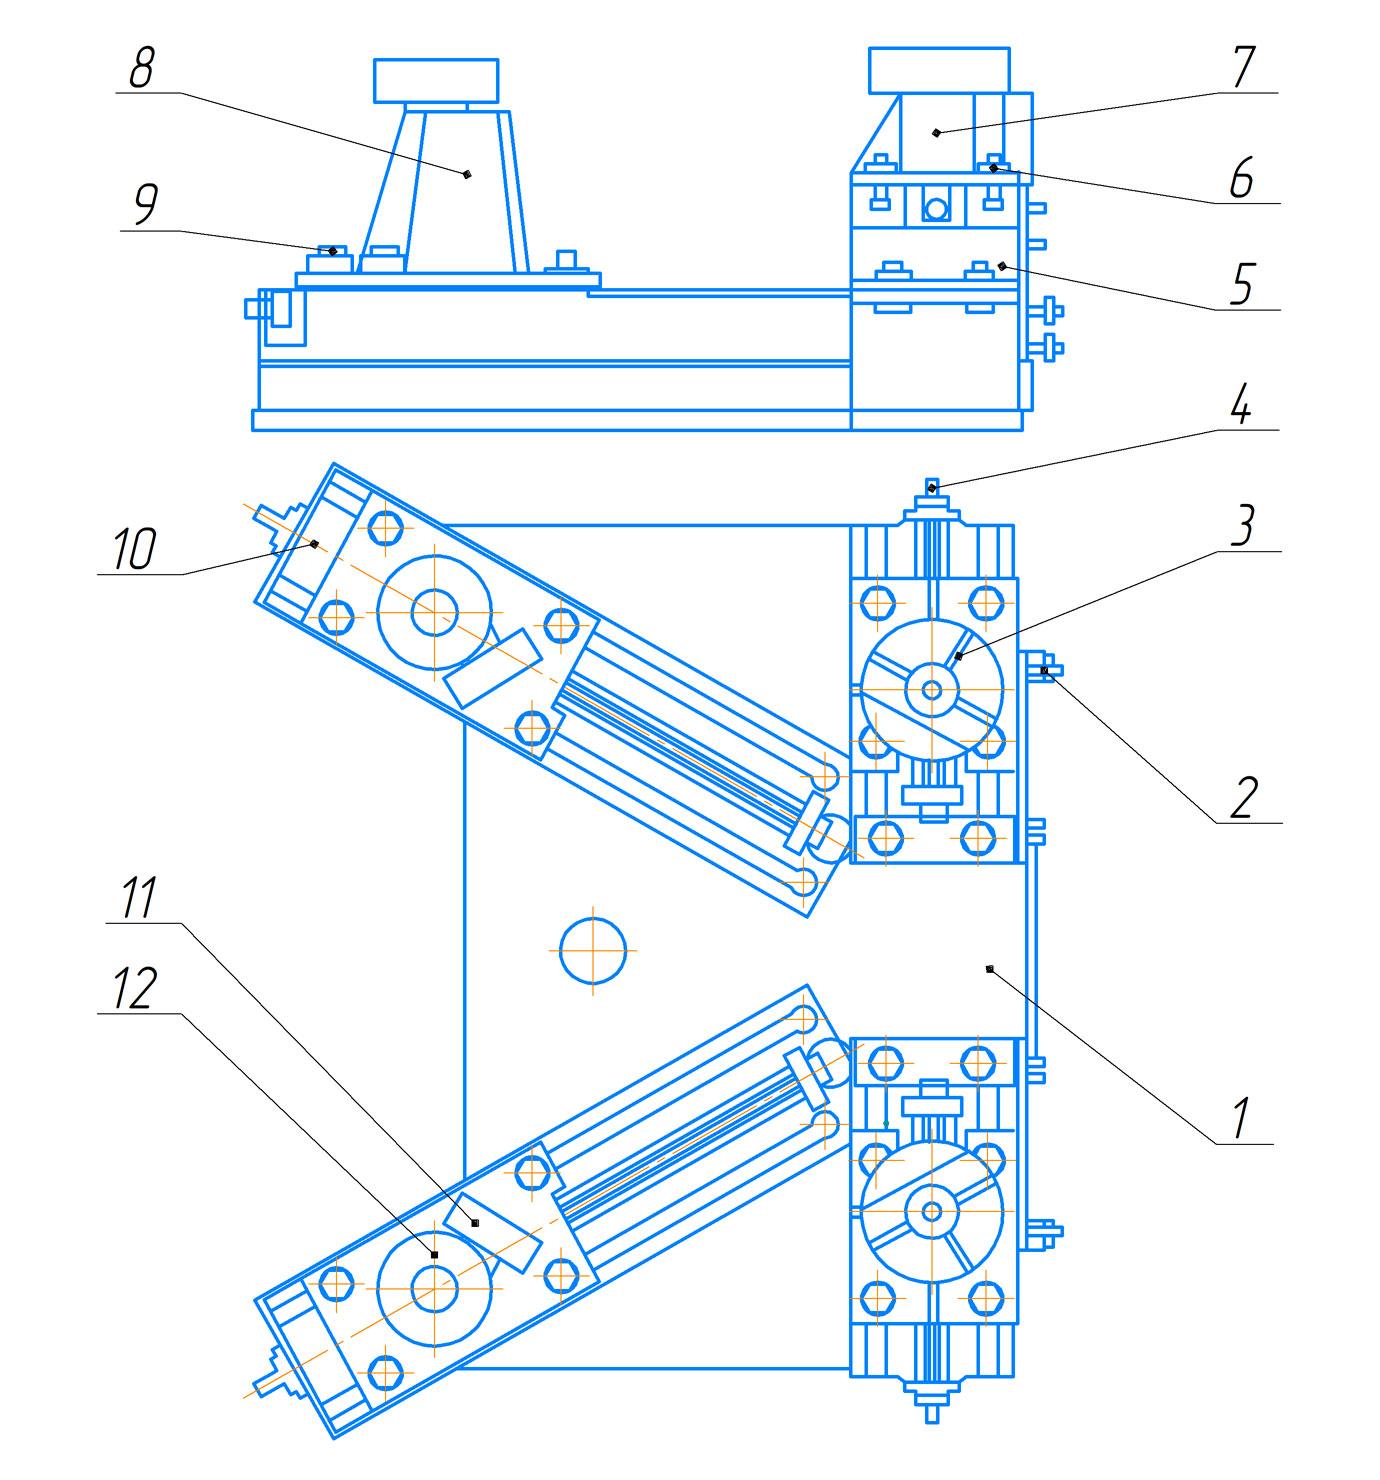 Ролики направляющие пресса гидравлического ПБ7730 для обжима буртов бандажей усилием 1000 кН